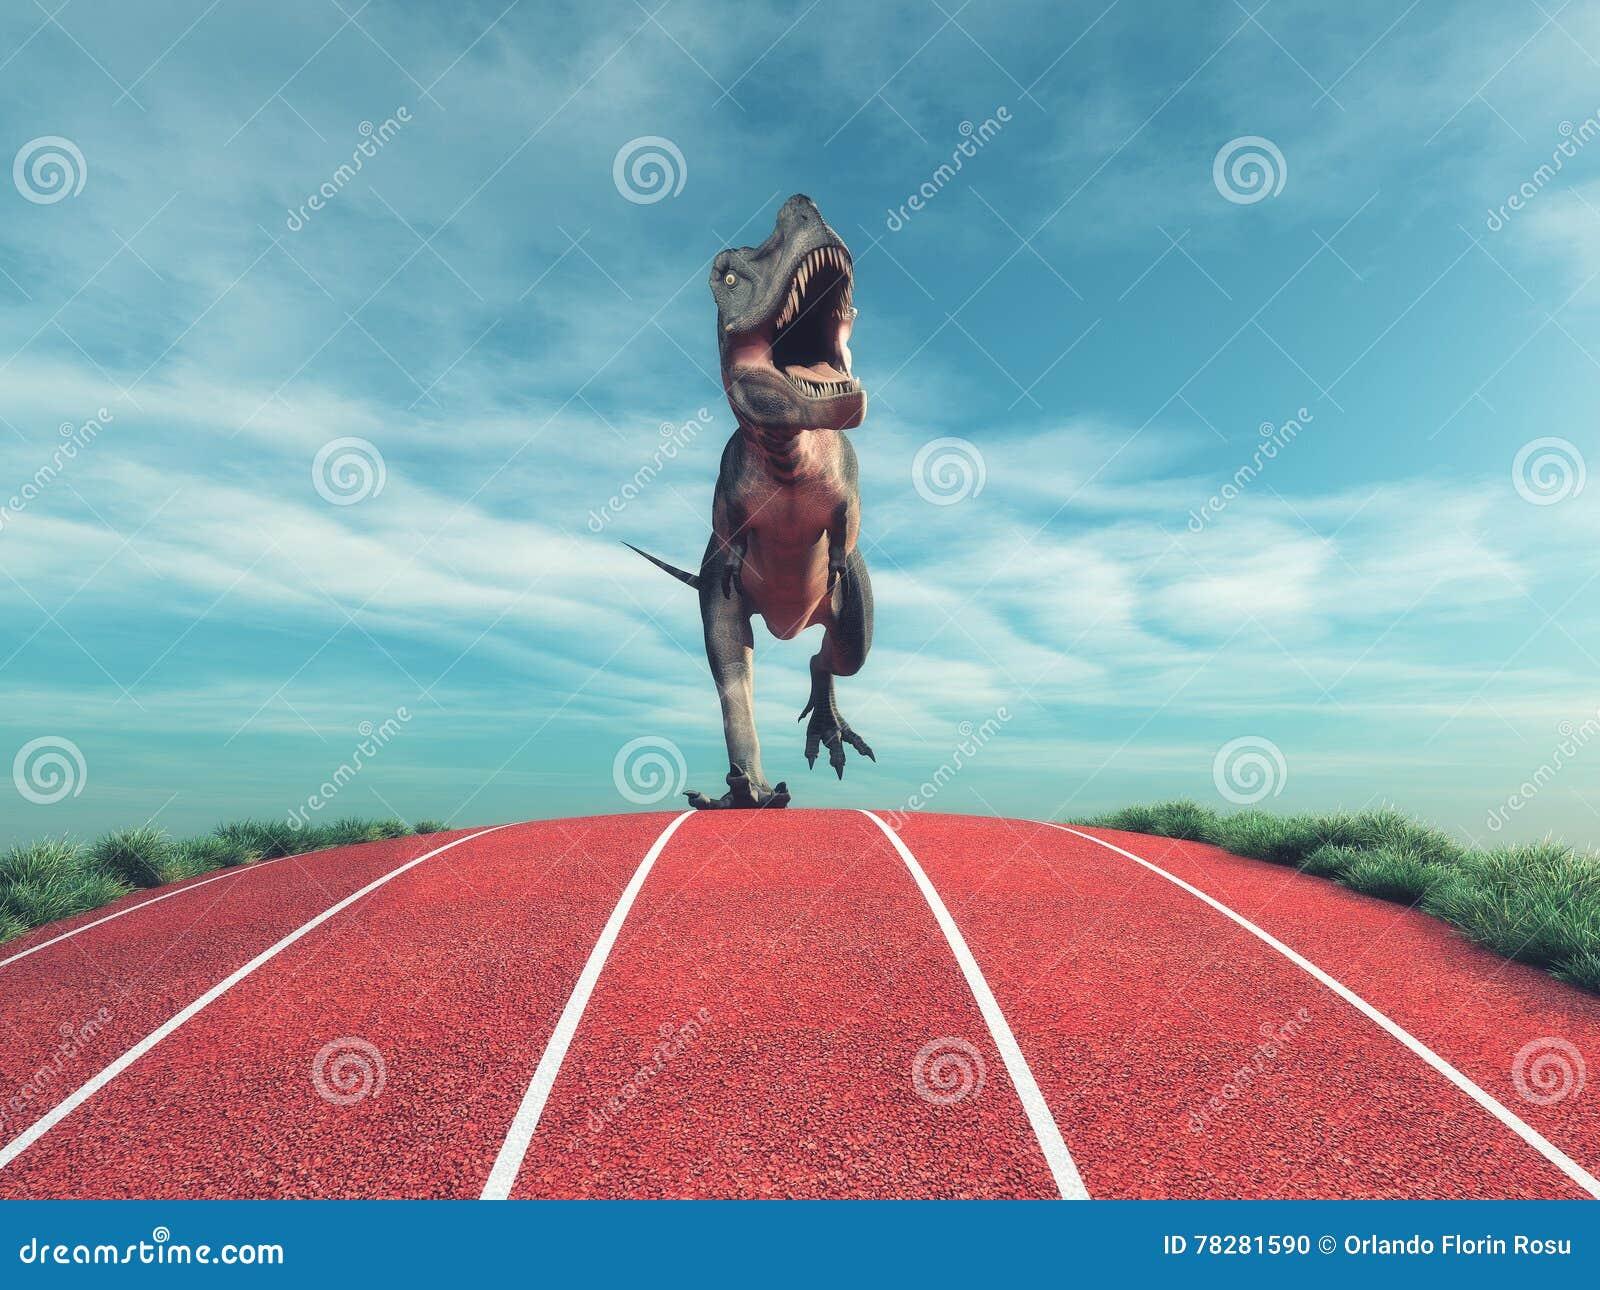 A dinosaur running